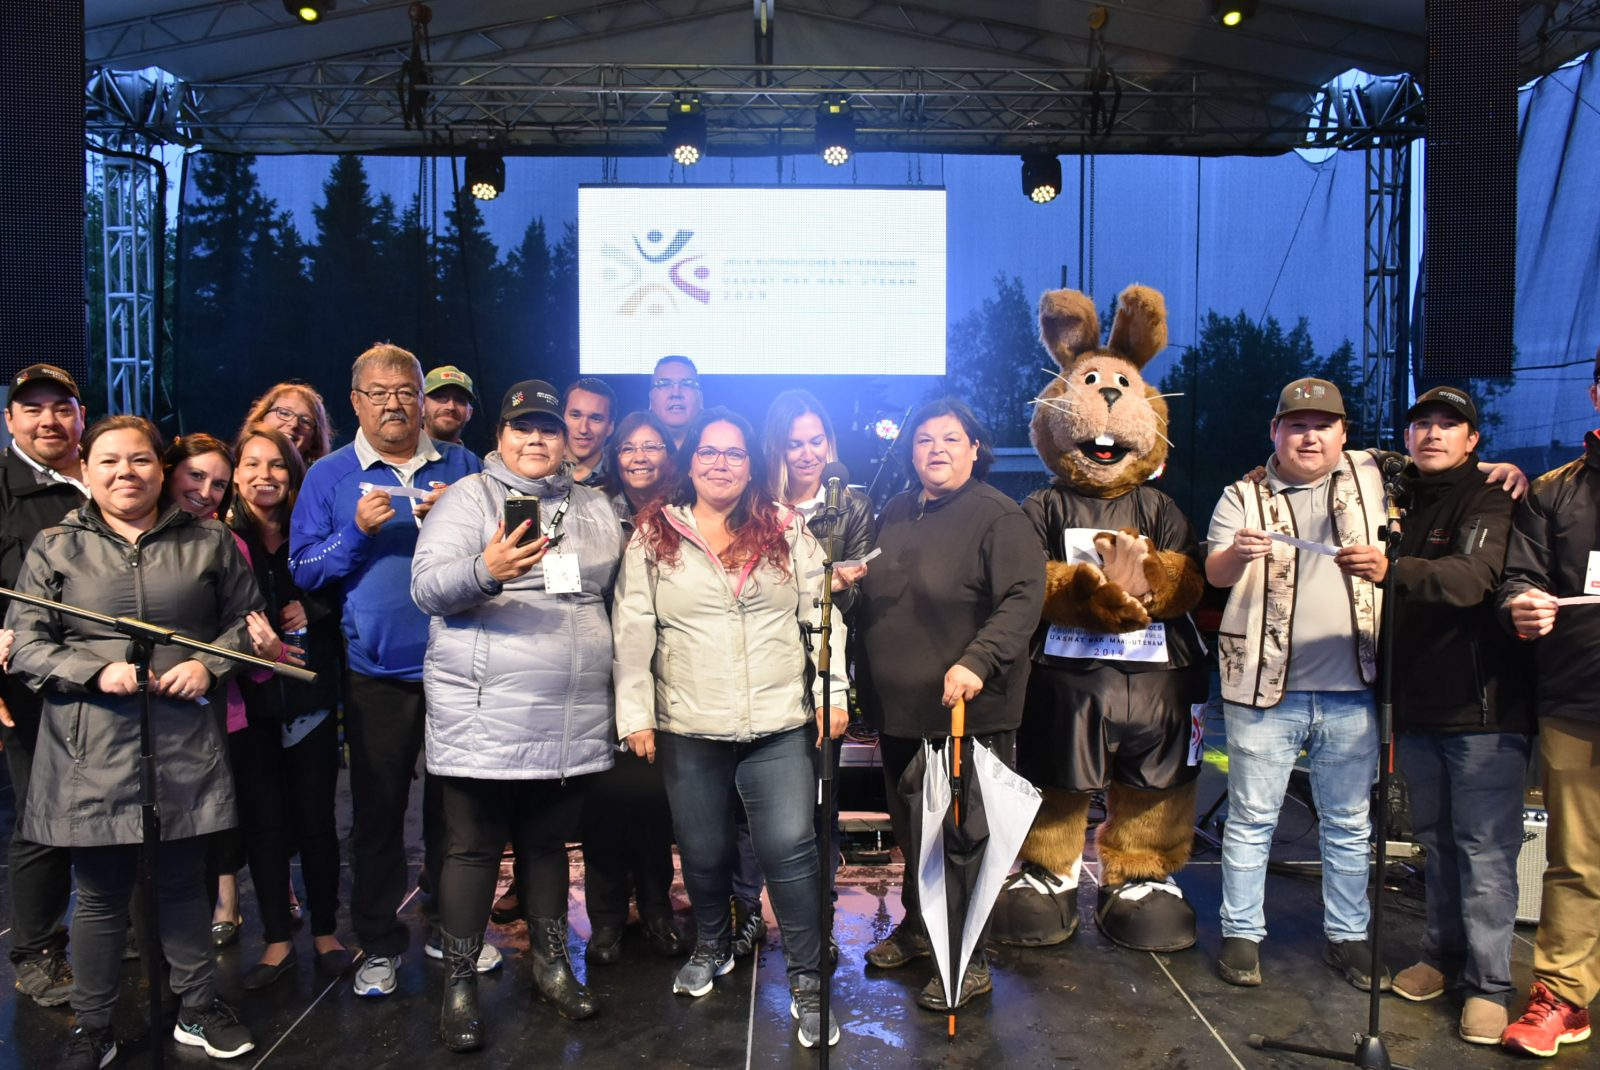 Jeux autochtones interbandes : défi relevé pour Uashat mak Mani-Utenam